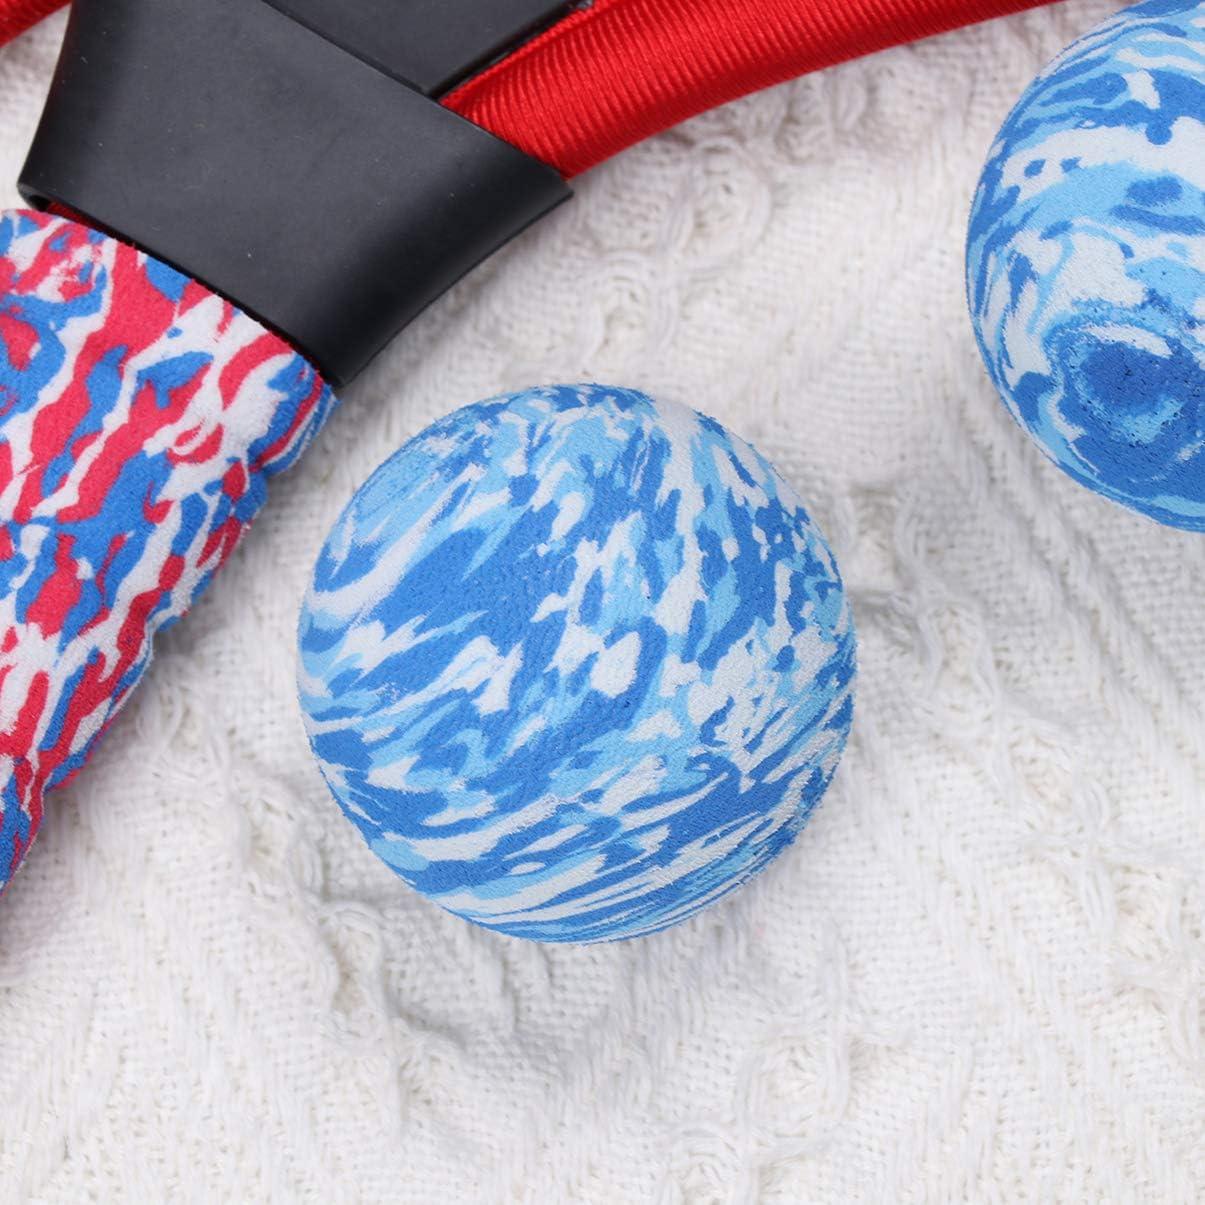 Bolas de Disco Y B/ádminton para Jugar en El Patio Trasero del Jard/ín de La Playa None Juegos de Raquetas de Tenis Juegos de Raquetas de Tenis para Ni/ños Livianos Y Seguros